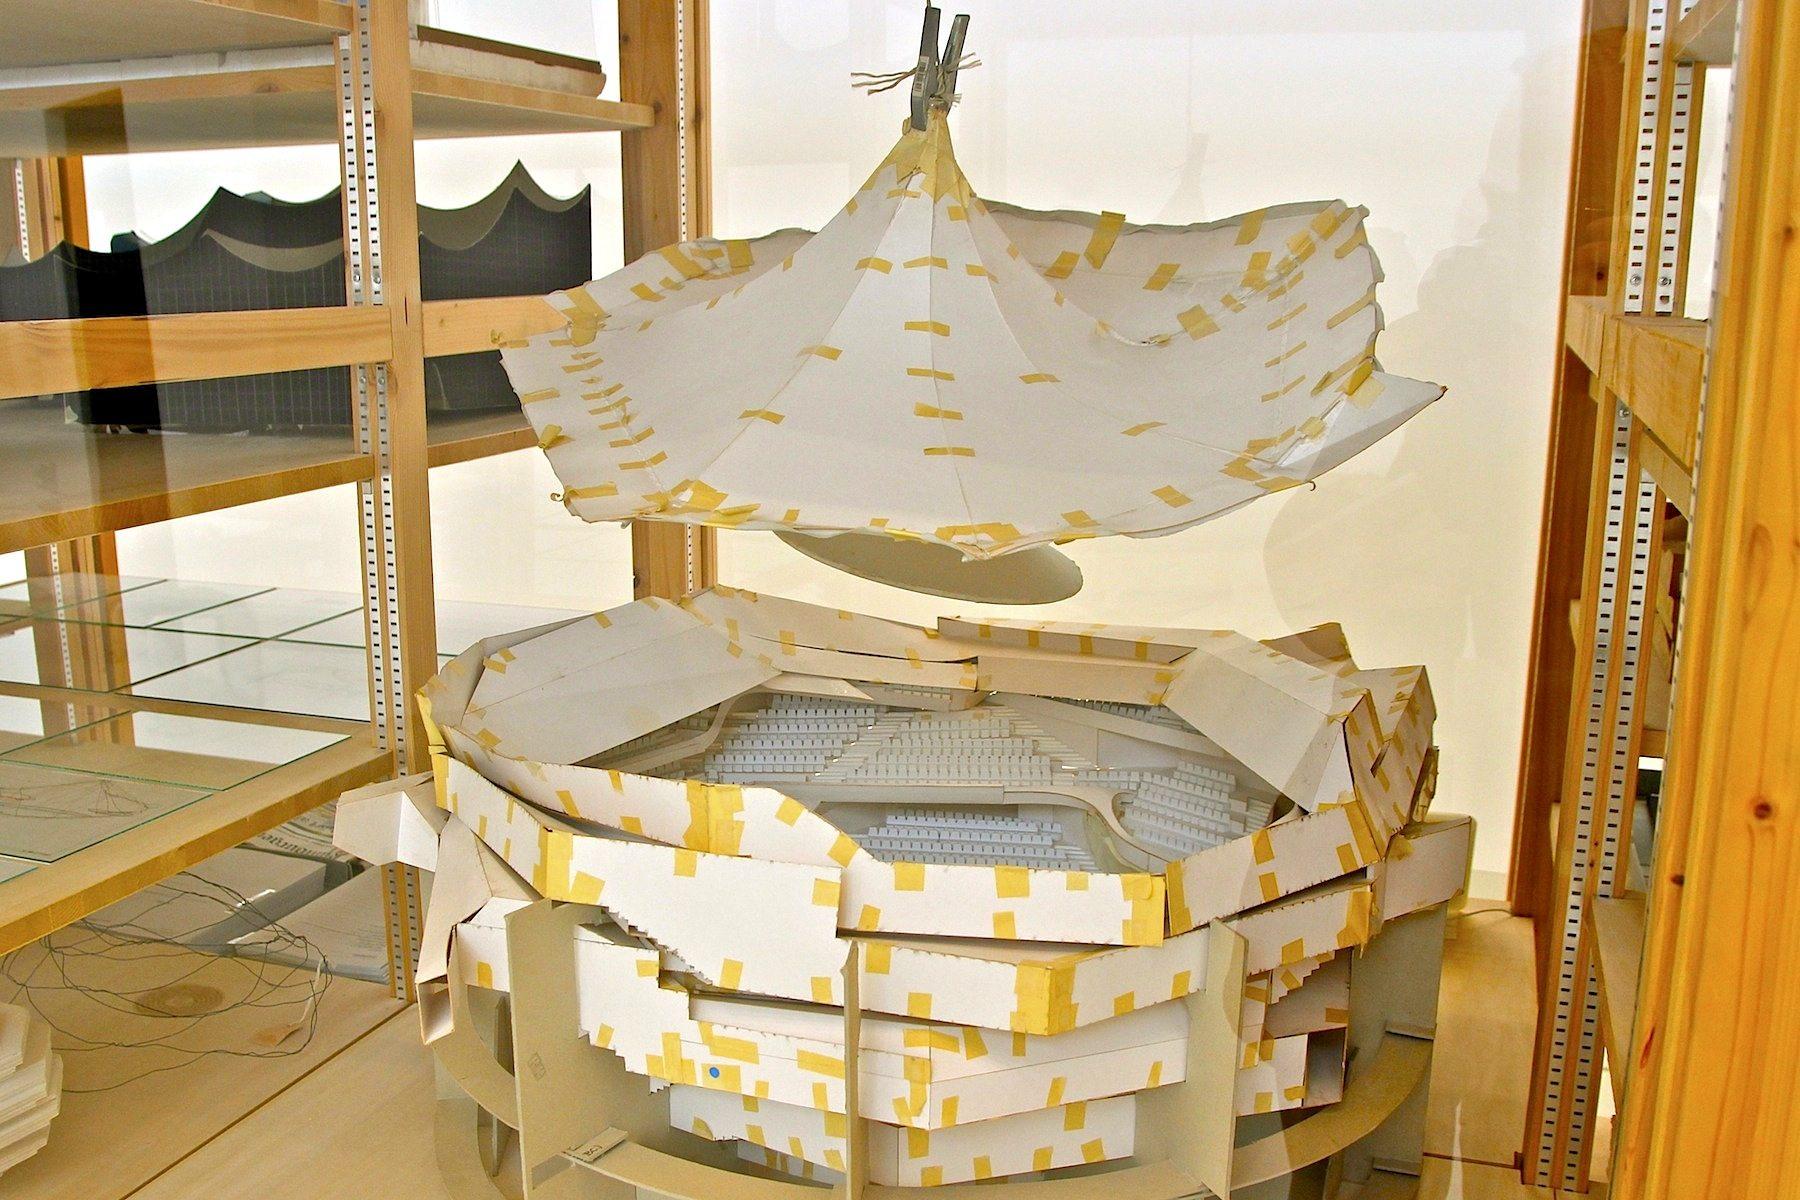 Elbphilharmonie revisited. Die Ausstellung steht in der Tradition künstlerischer Reflexion und Adaption von Architektur.